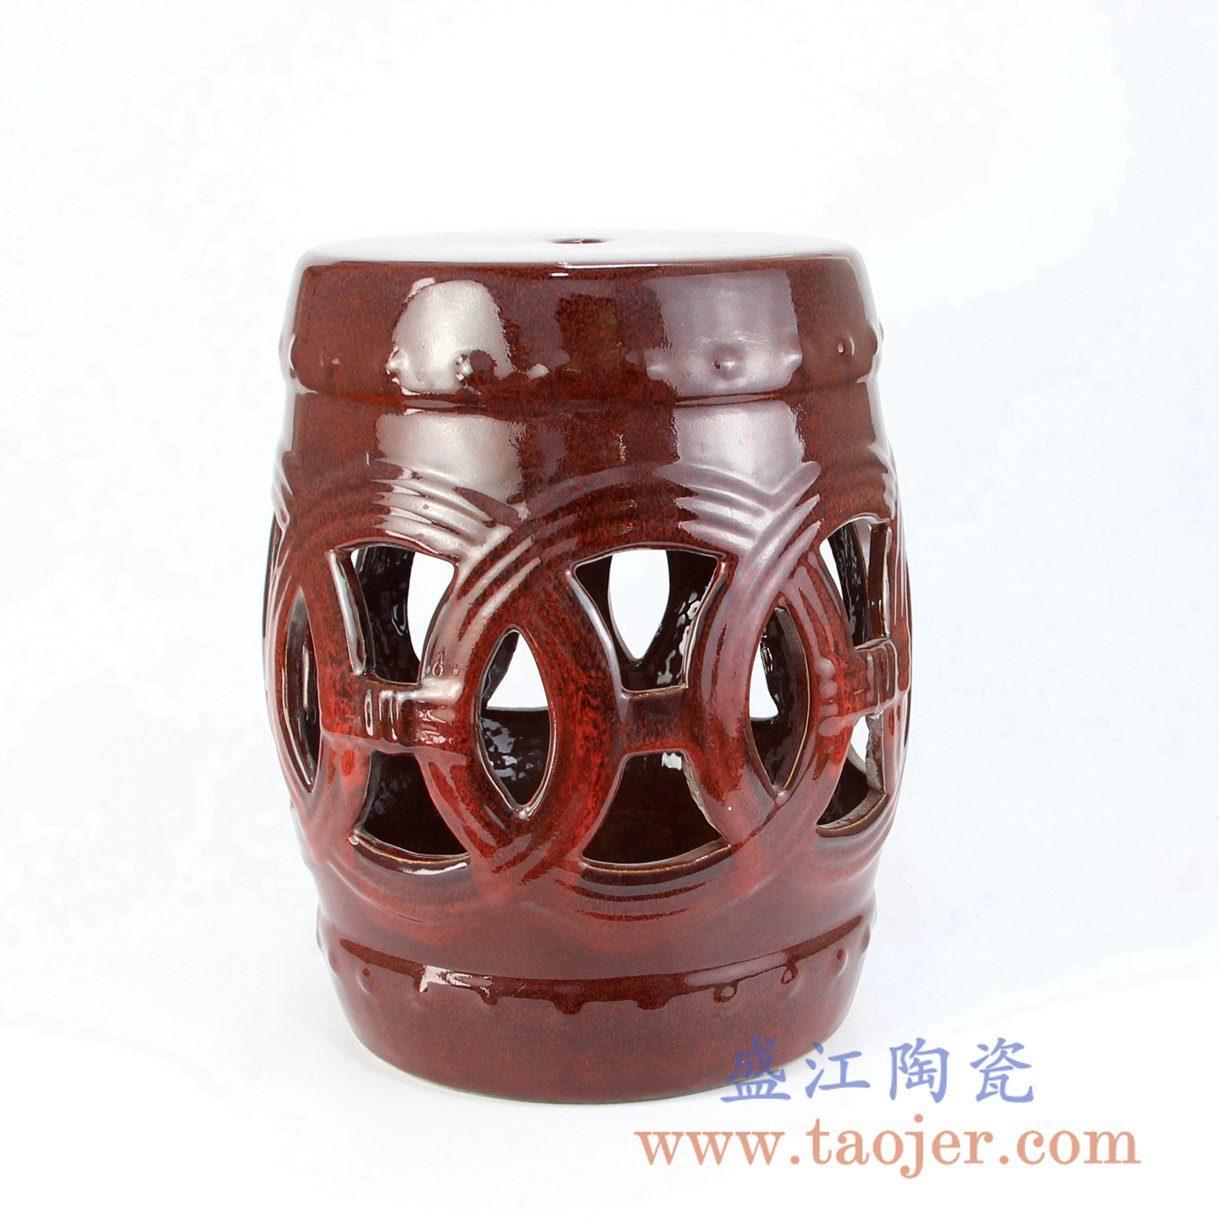 7064-RZKL12-F  深红色镂空雕刻陶瓷凳门墩家居瓷